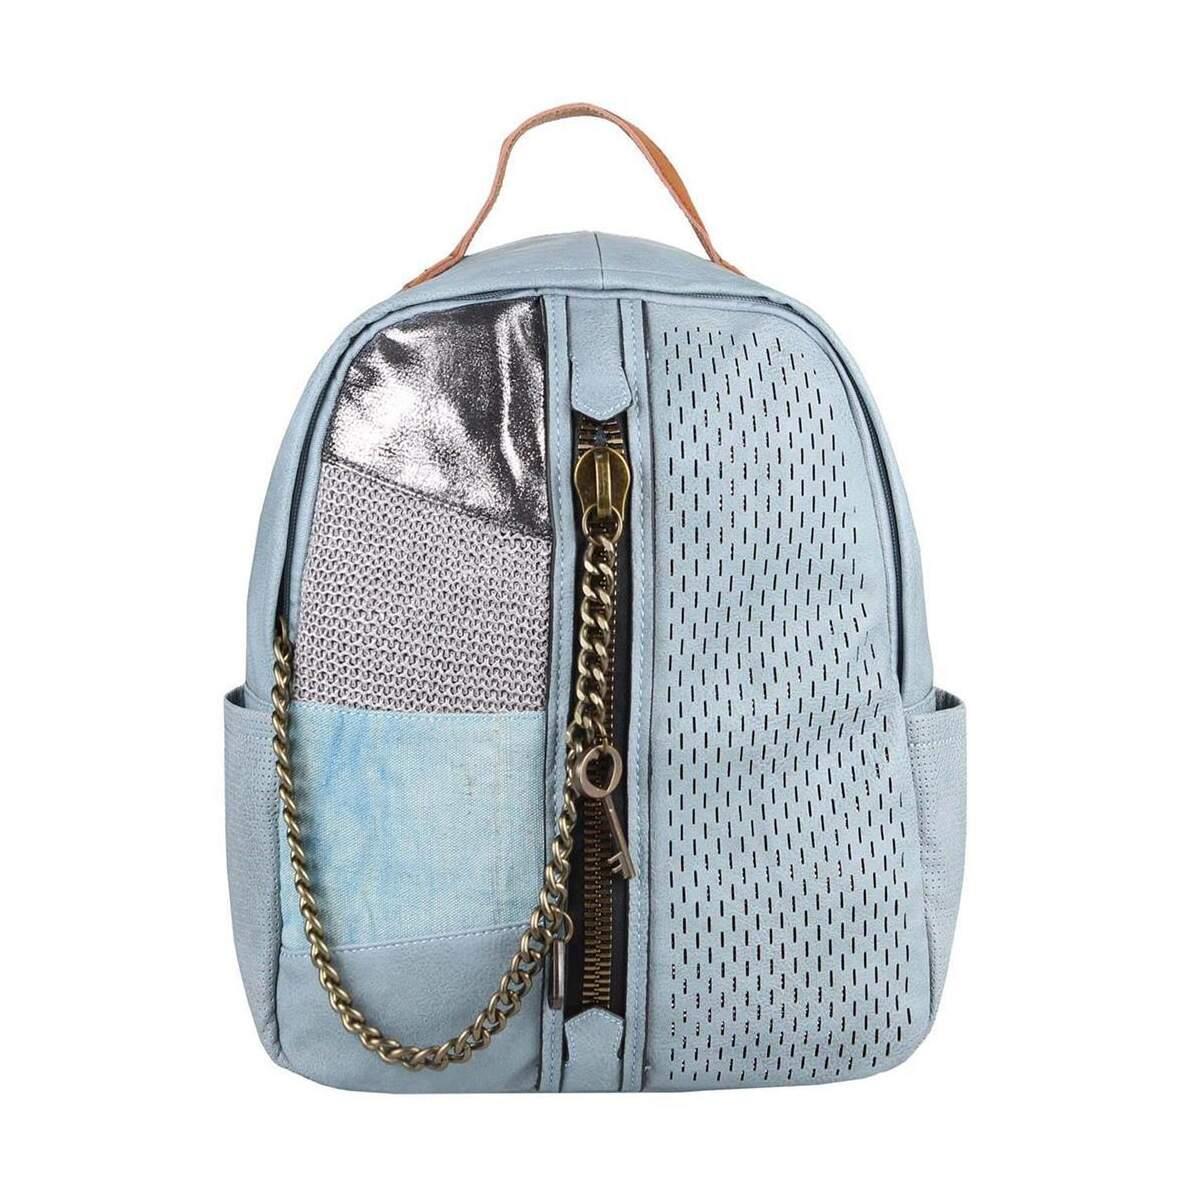 b3cc2f324954e DAMEN RUCKSACK TASCHE Cityrucksack Stadtrucksack Metallic Backpack  Schultertasche Handtasche Umhängetasche Shopper Ketten Daypack  Lederrucksack